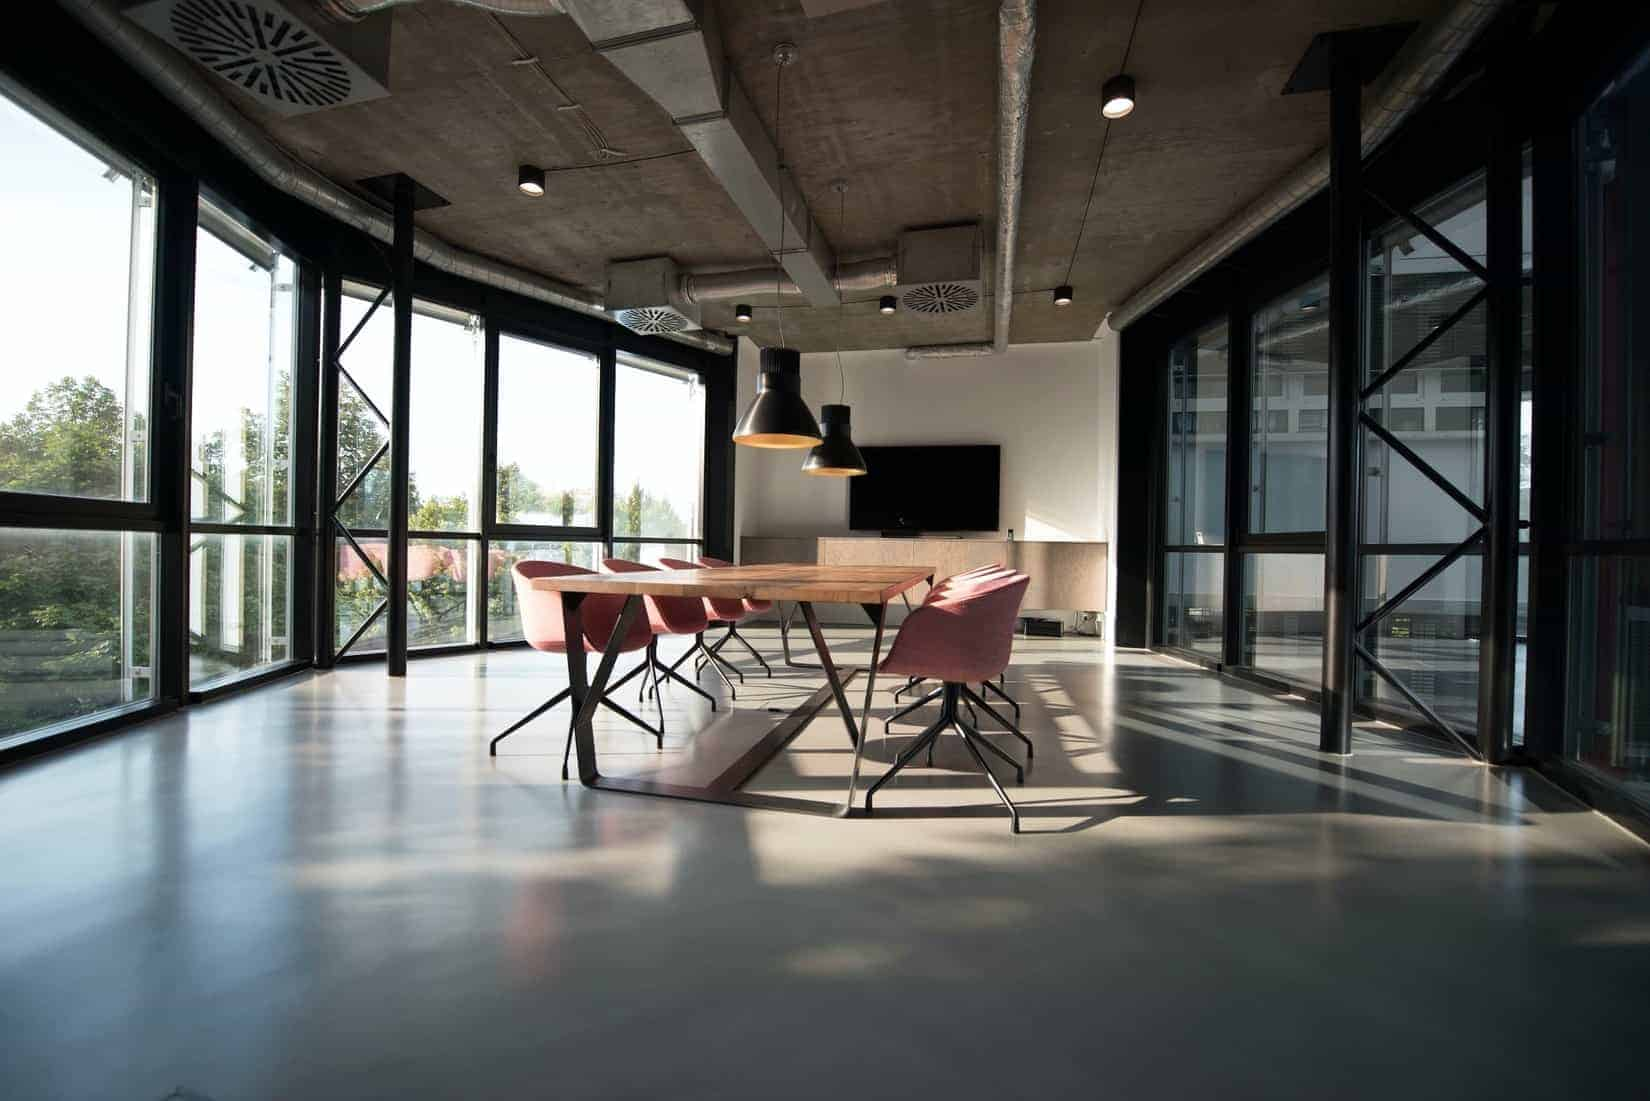 Immobilieninvestor in Halle - Polis erwirbt Büro- und Geschäftshaus